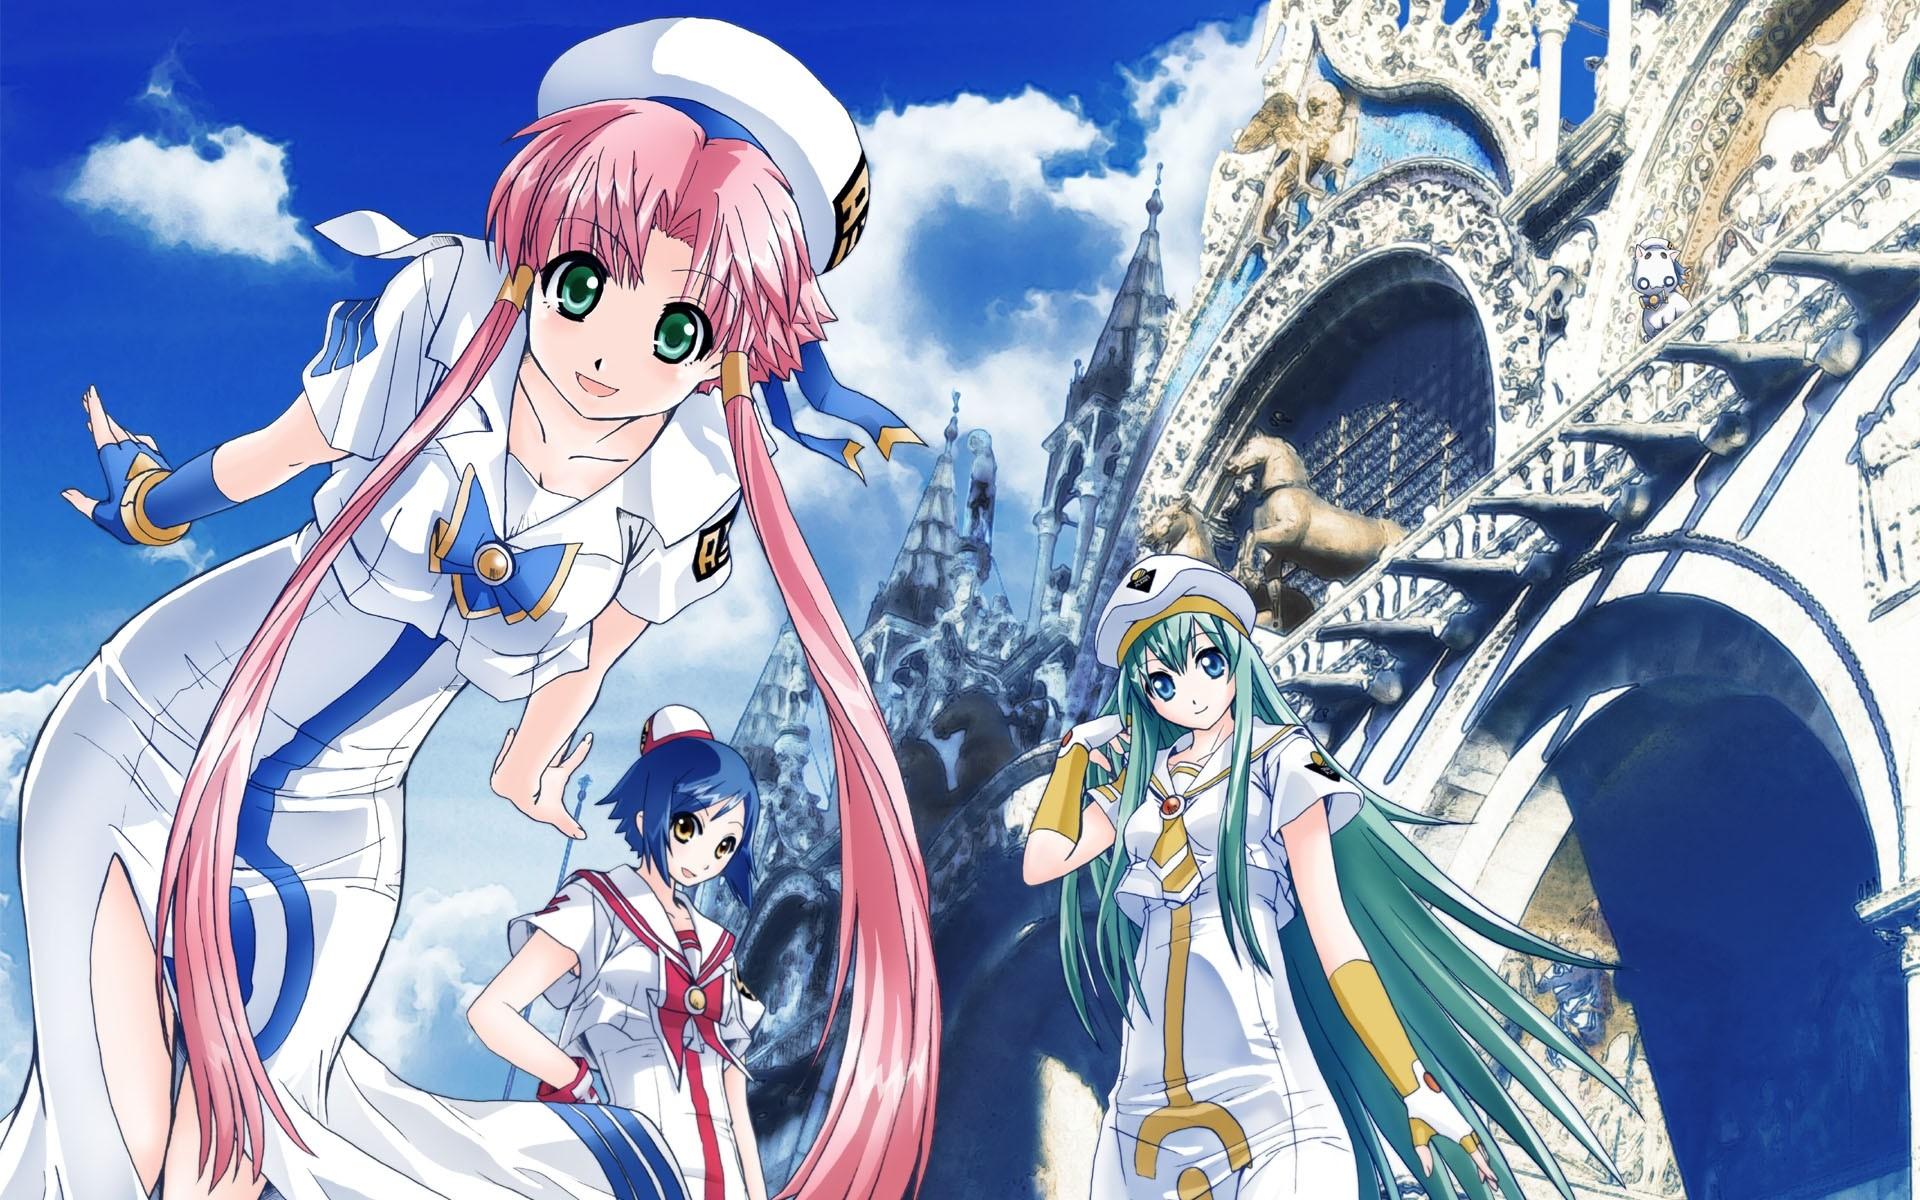 Wallpaper Anime girl, Building, Castle, Summer, Street, Sky, Joy